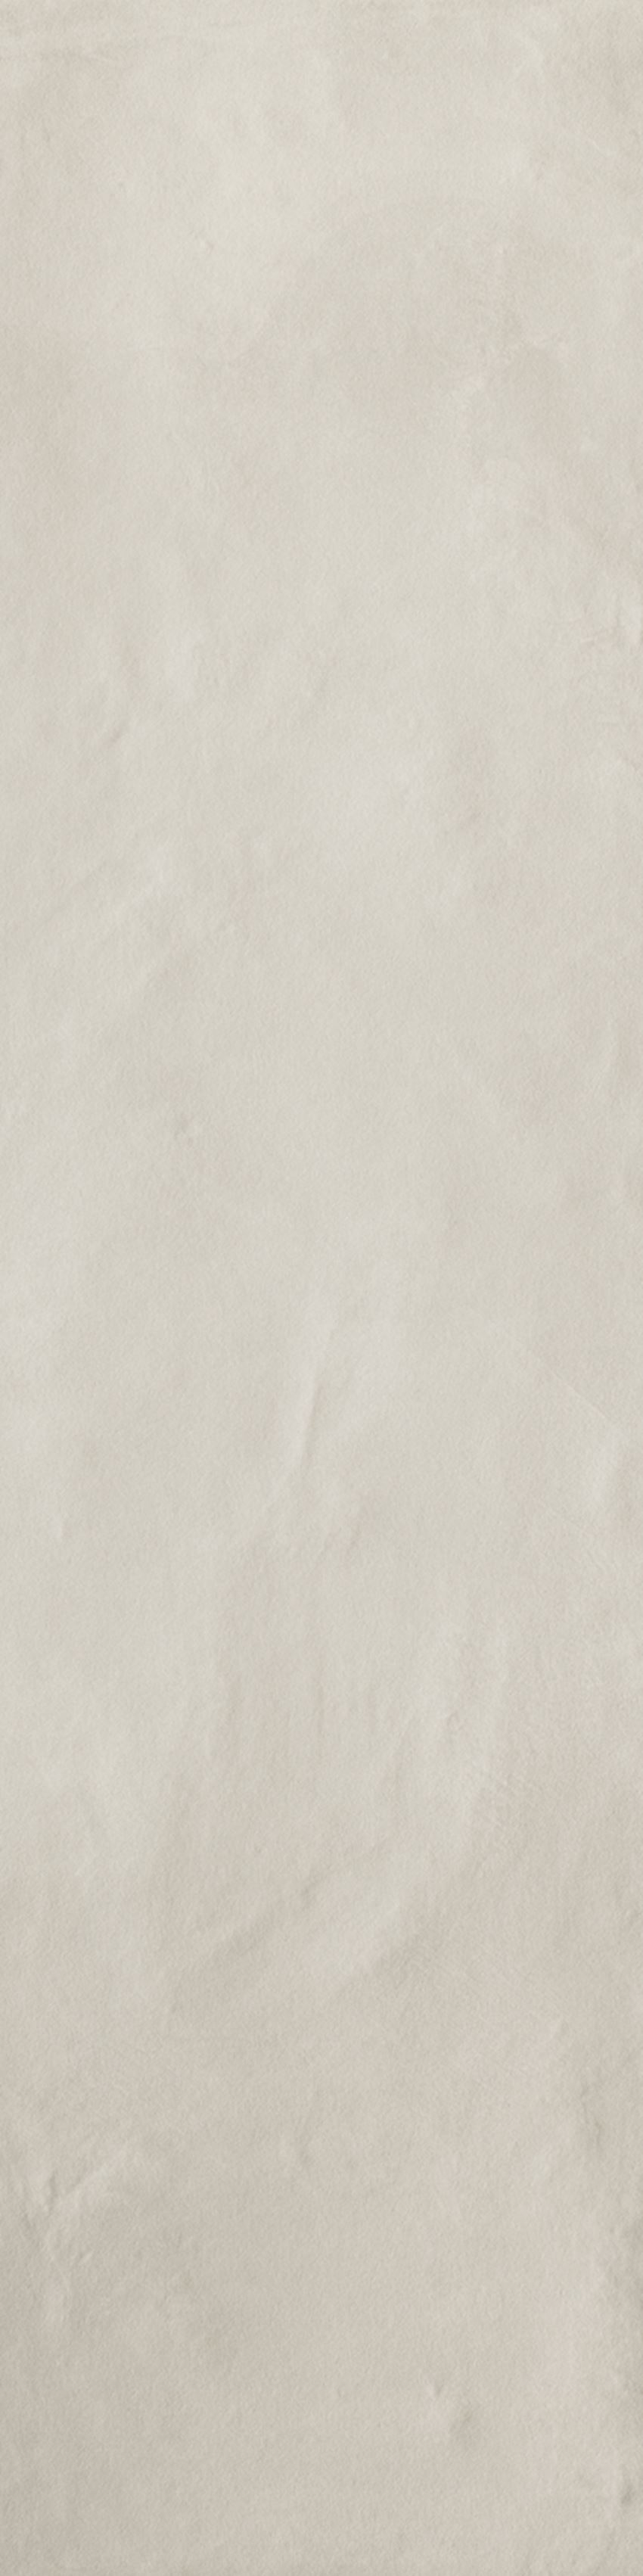 Płytka ścienno-podłogowa 29,8x119,8 cm Paradyż Tigua Bianco Gres Szkl. Rekt. Mat